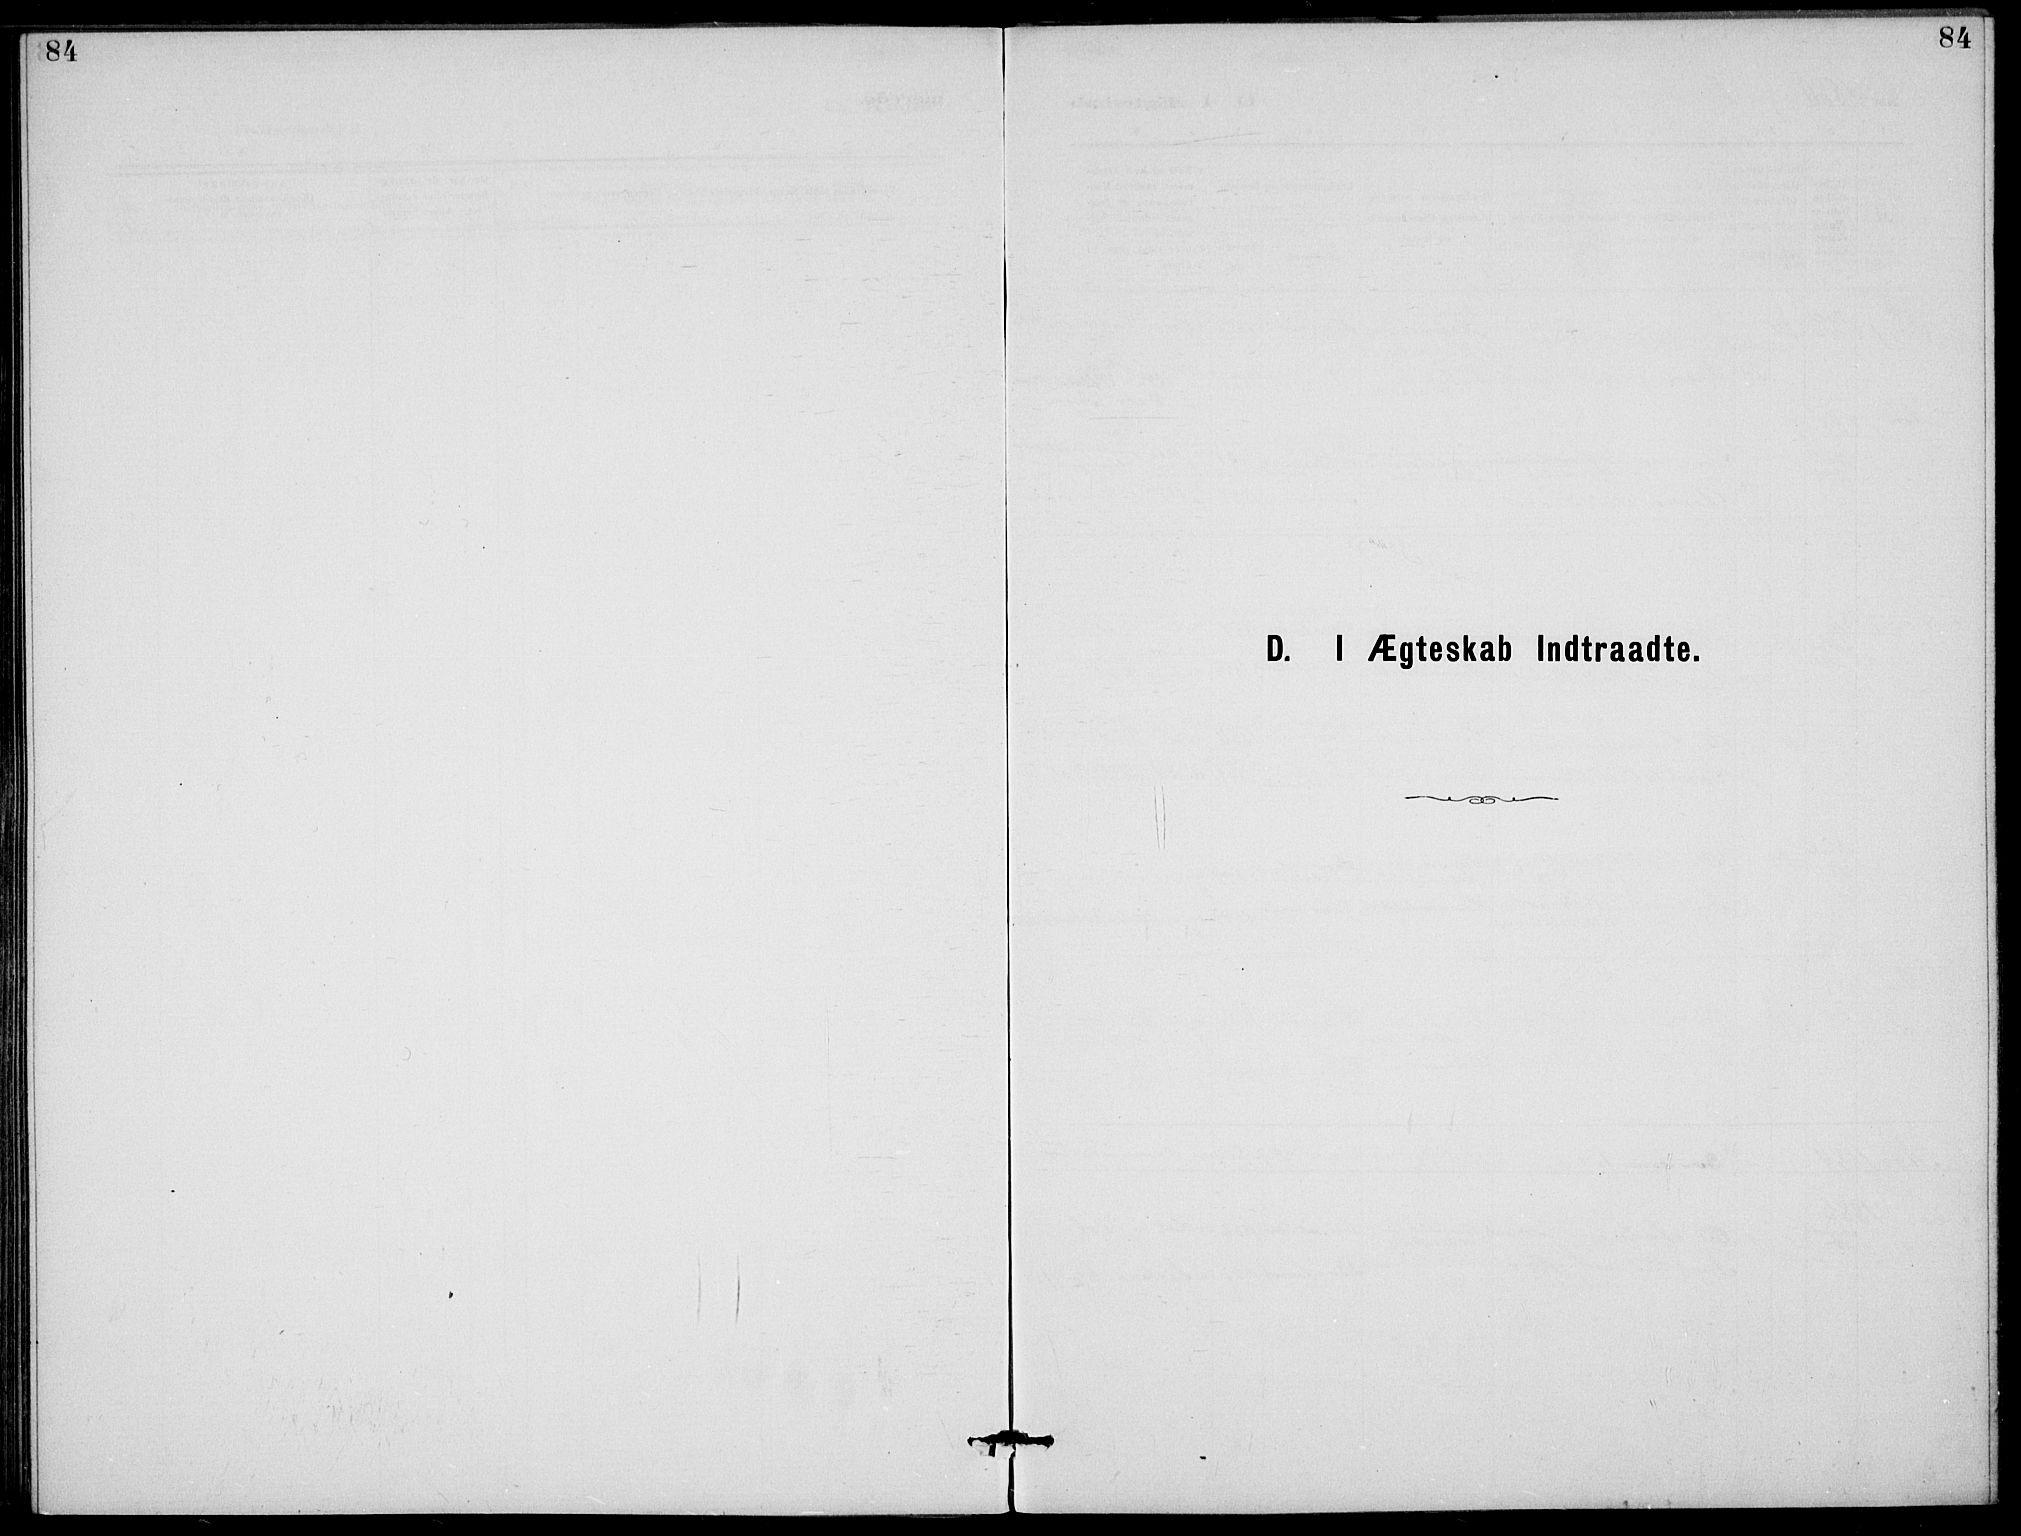 SAKO, Rjukan kirkebøker, G/Ga/L0001: Klokkerbok nr. 1, 1880-1914, s. 84